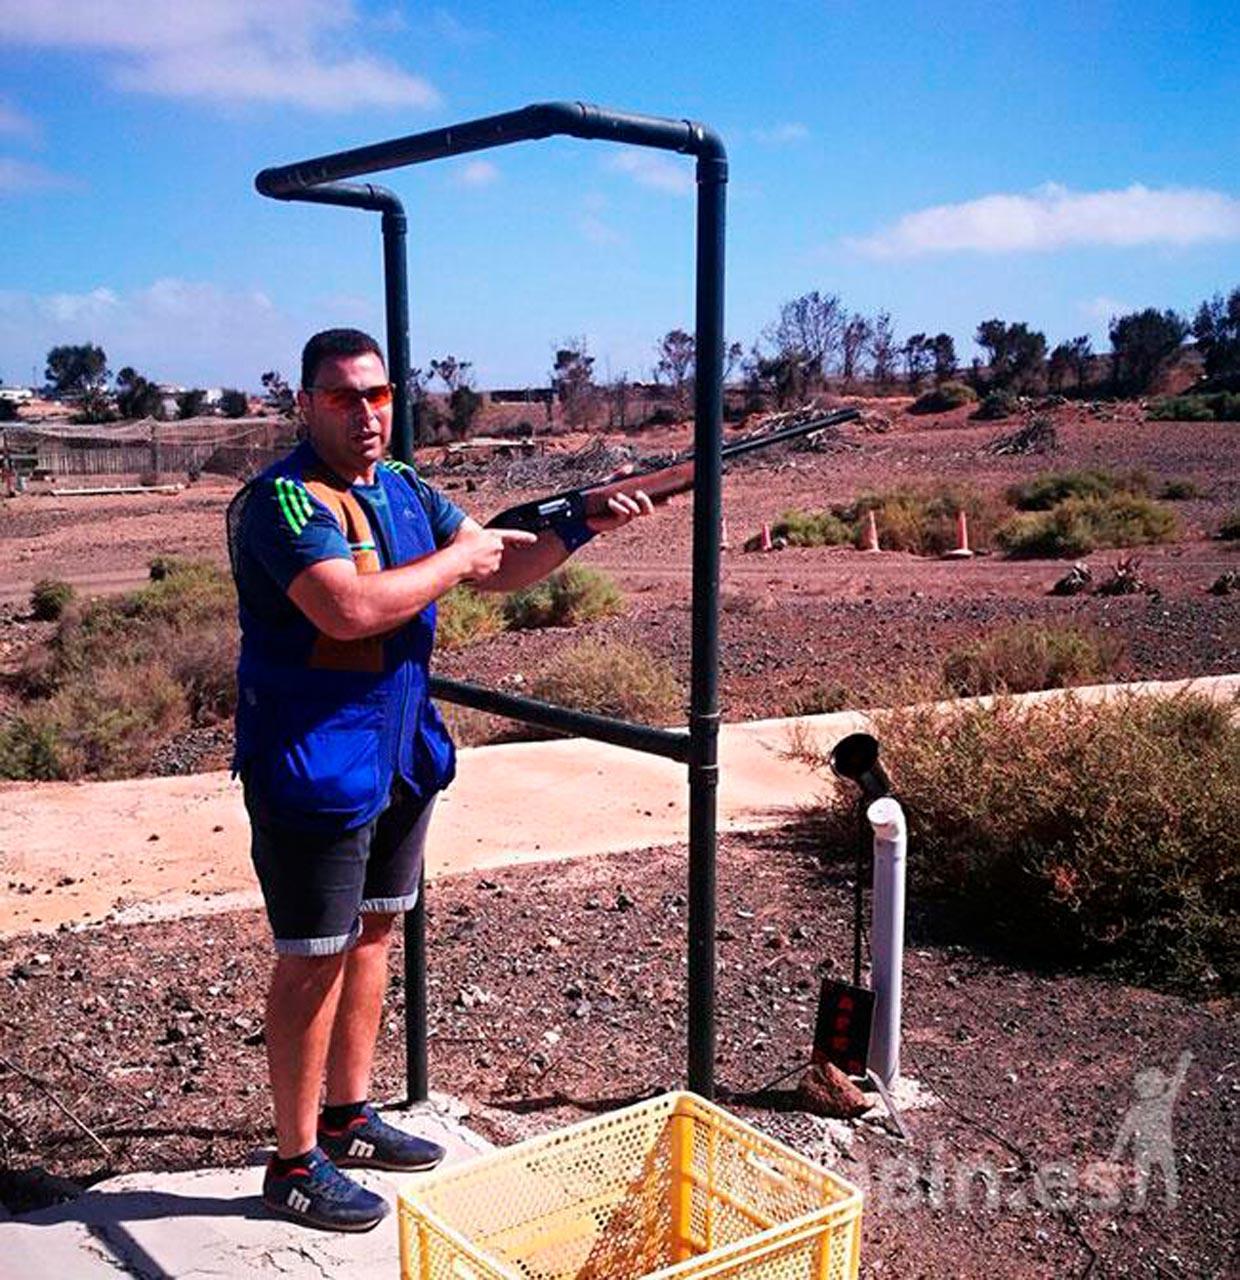 David Parrilla Brito ganador del Campeonato de Fuerteventura de Tiro Compak Sporting